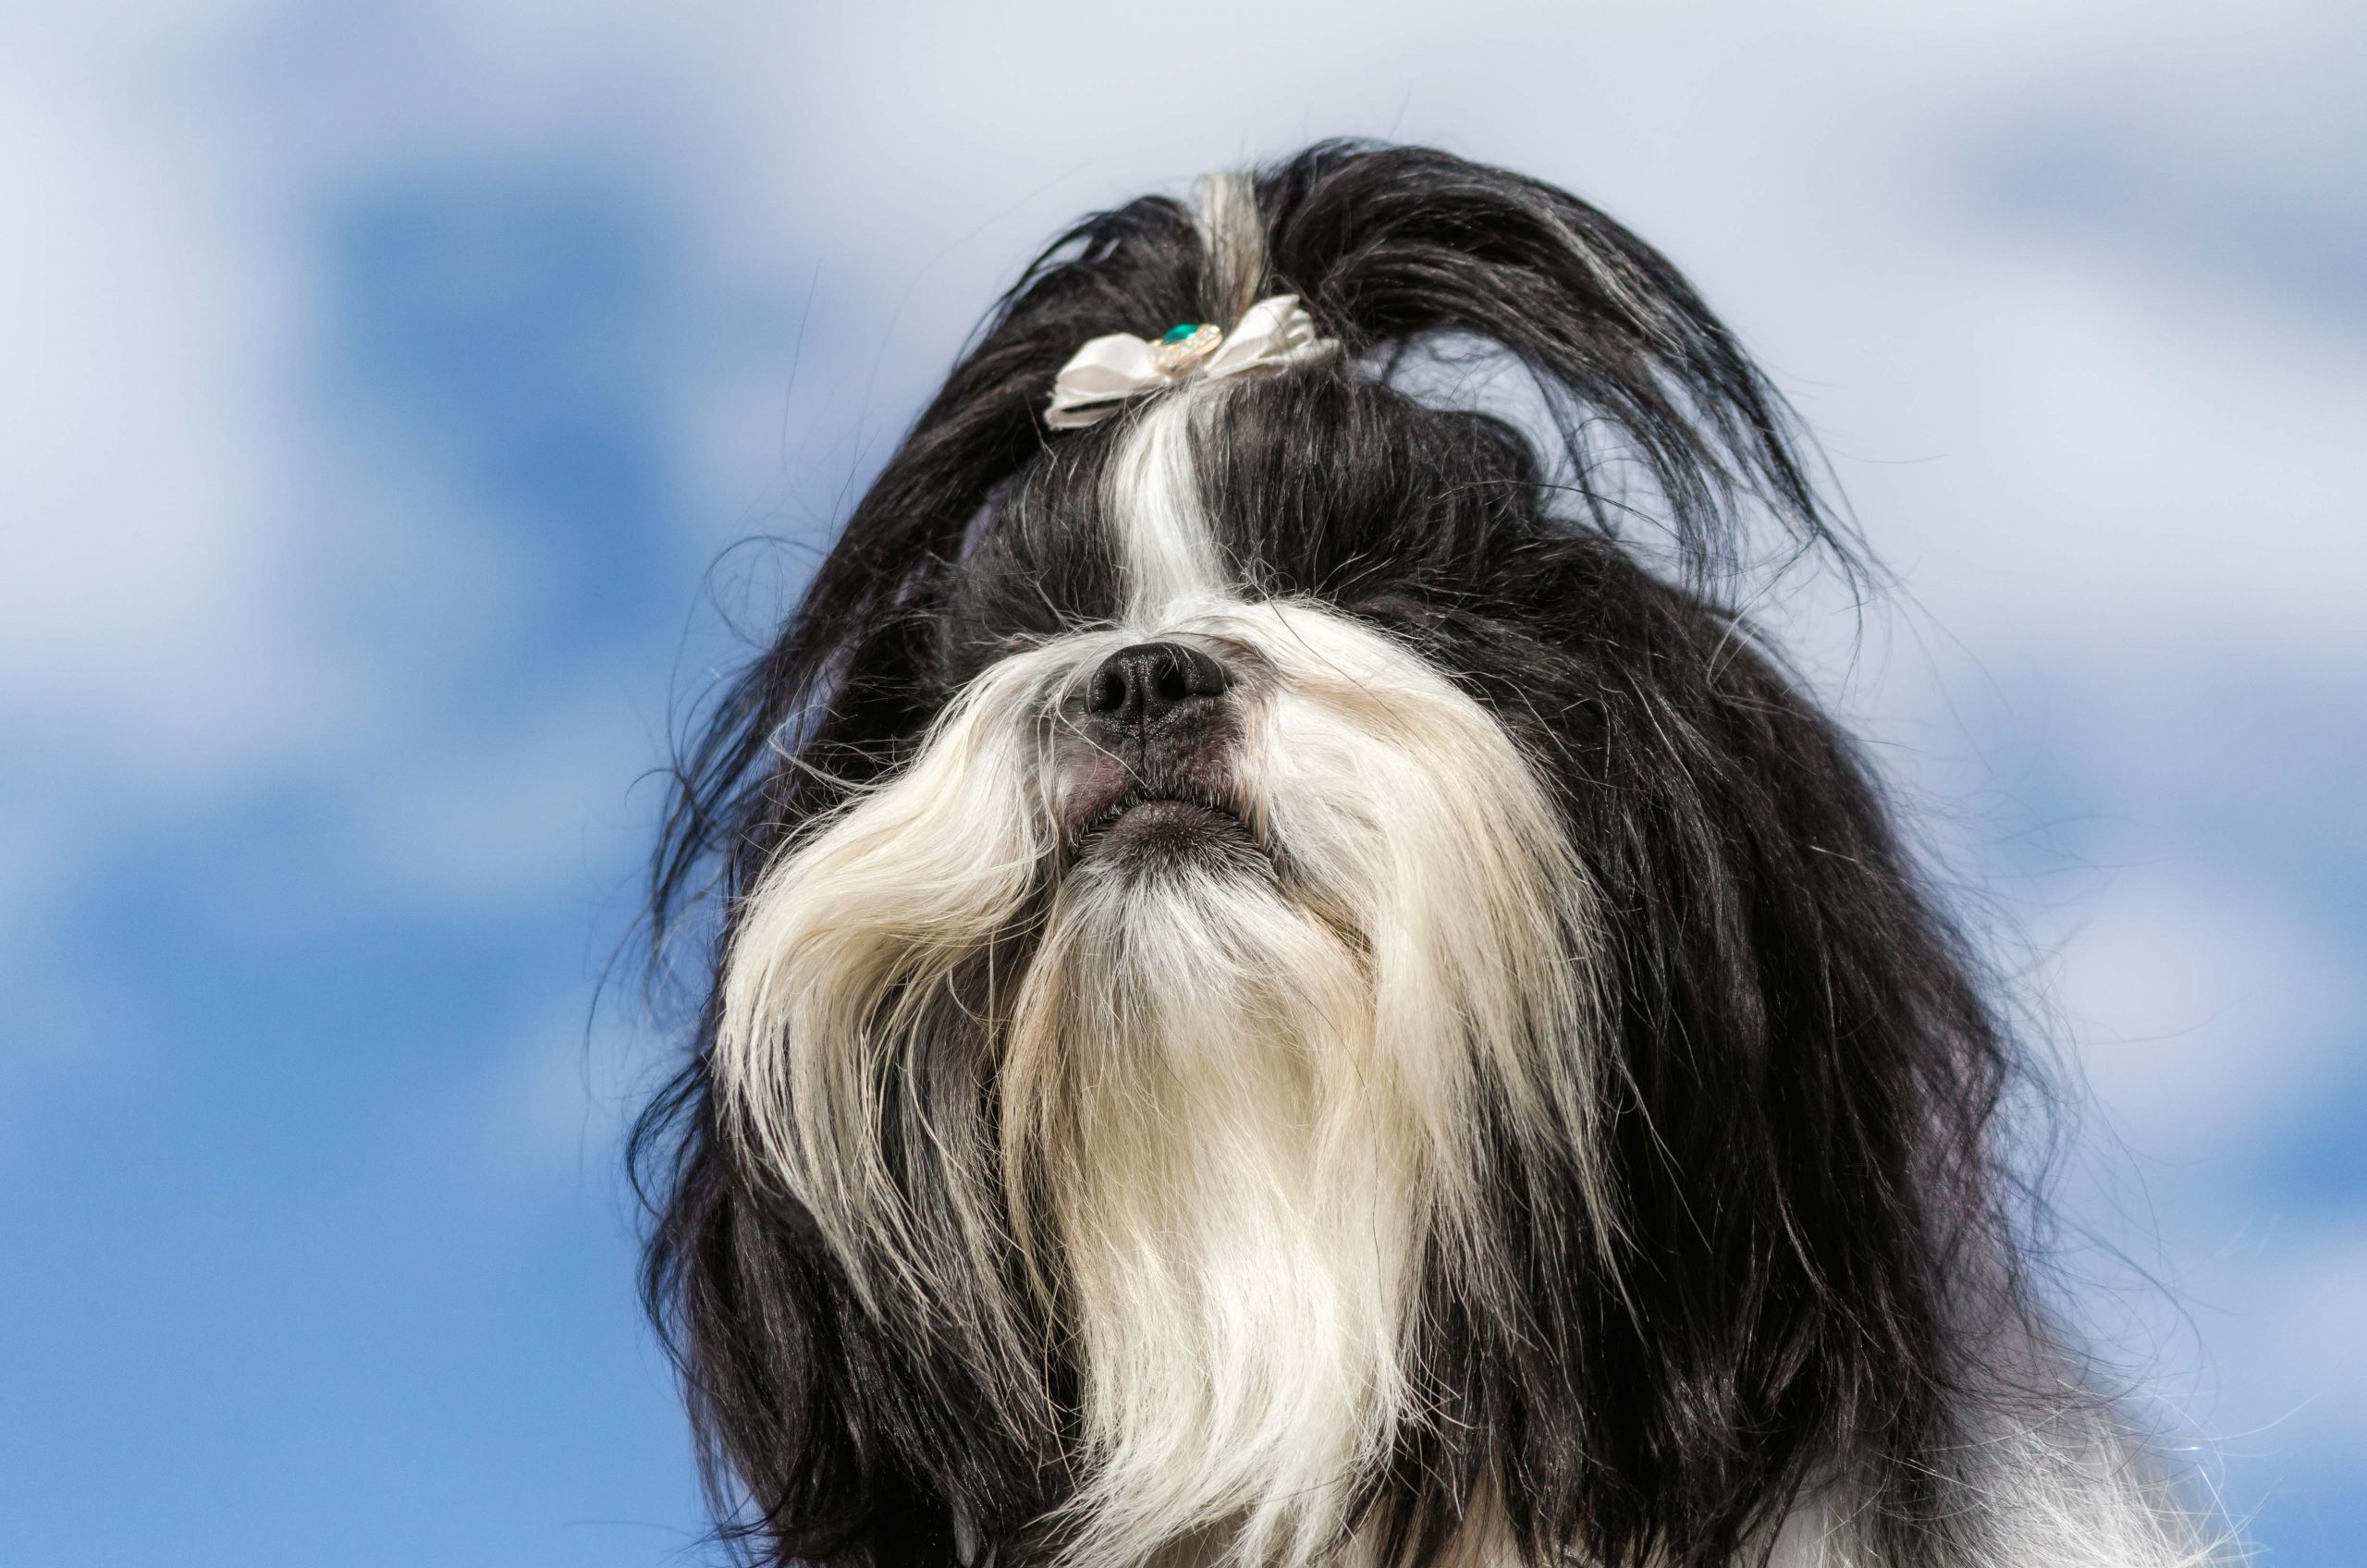 Фотограф на прогулке с собакой